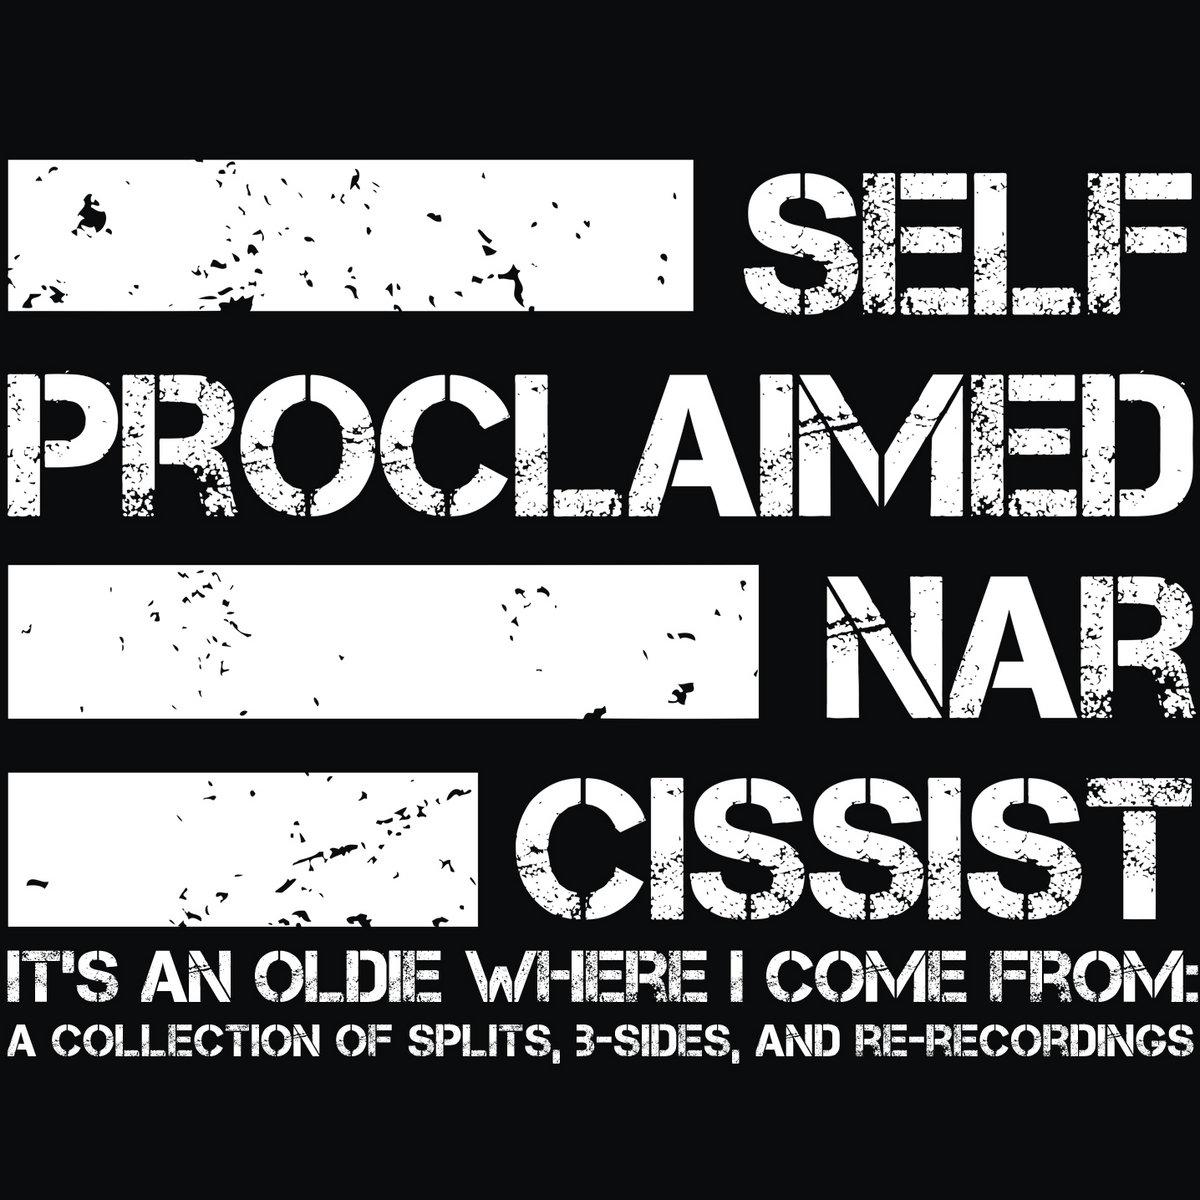 I am a narcissist